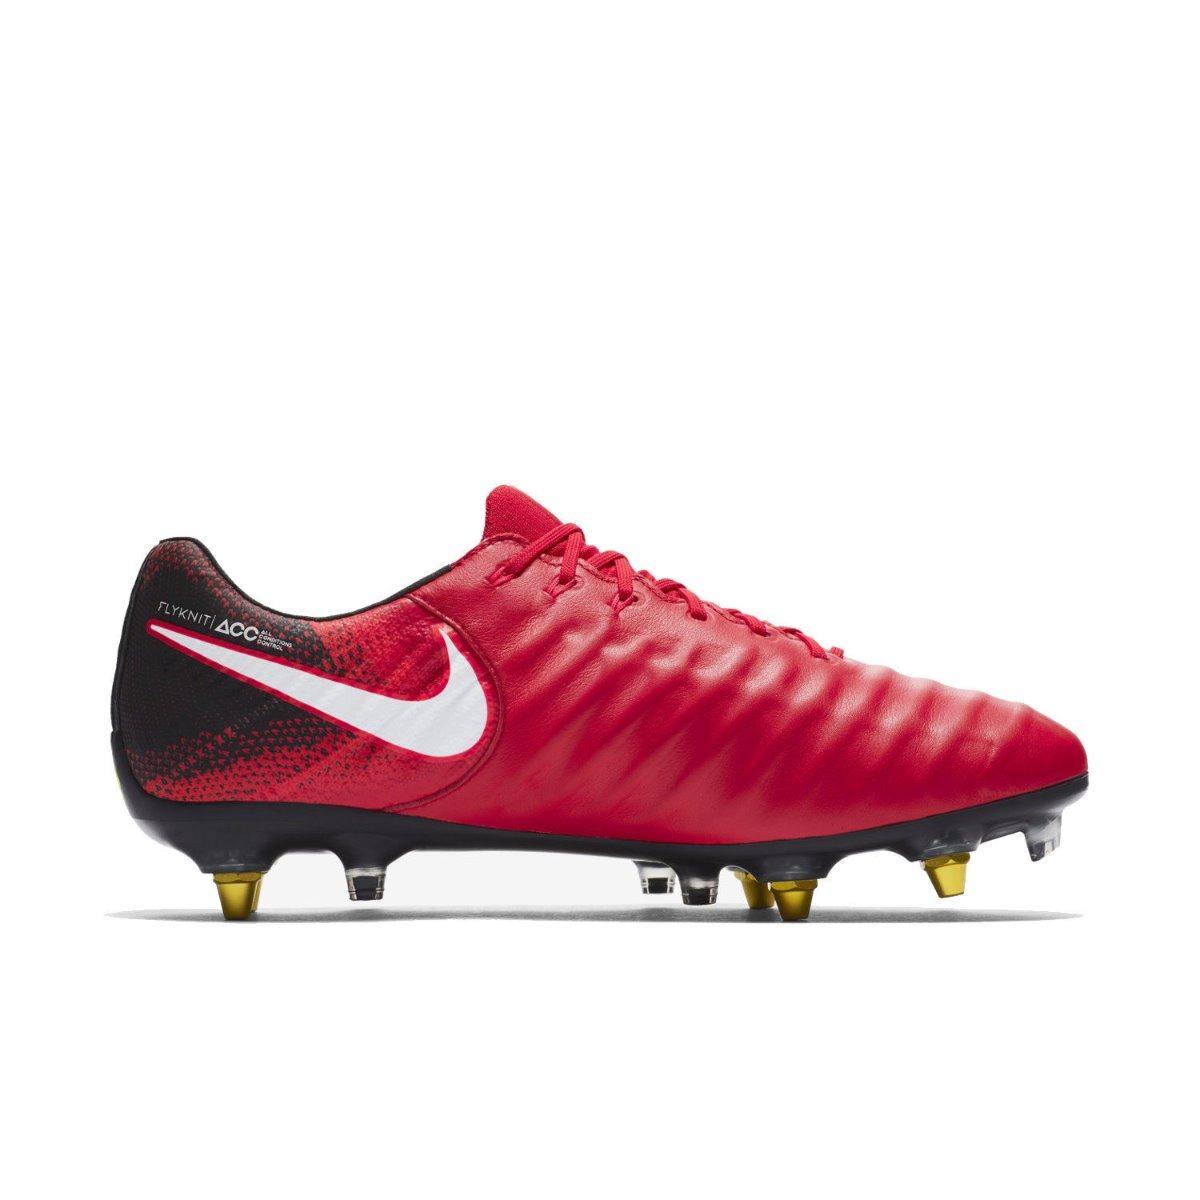 f44b5c14affcc zapatos de futbol nike tiempo legend vii sg-pro. Cargando zoom.